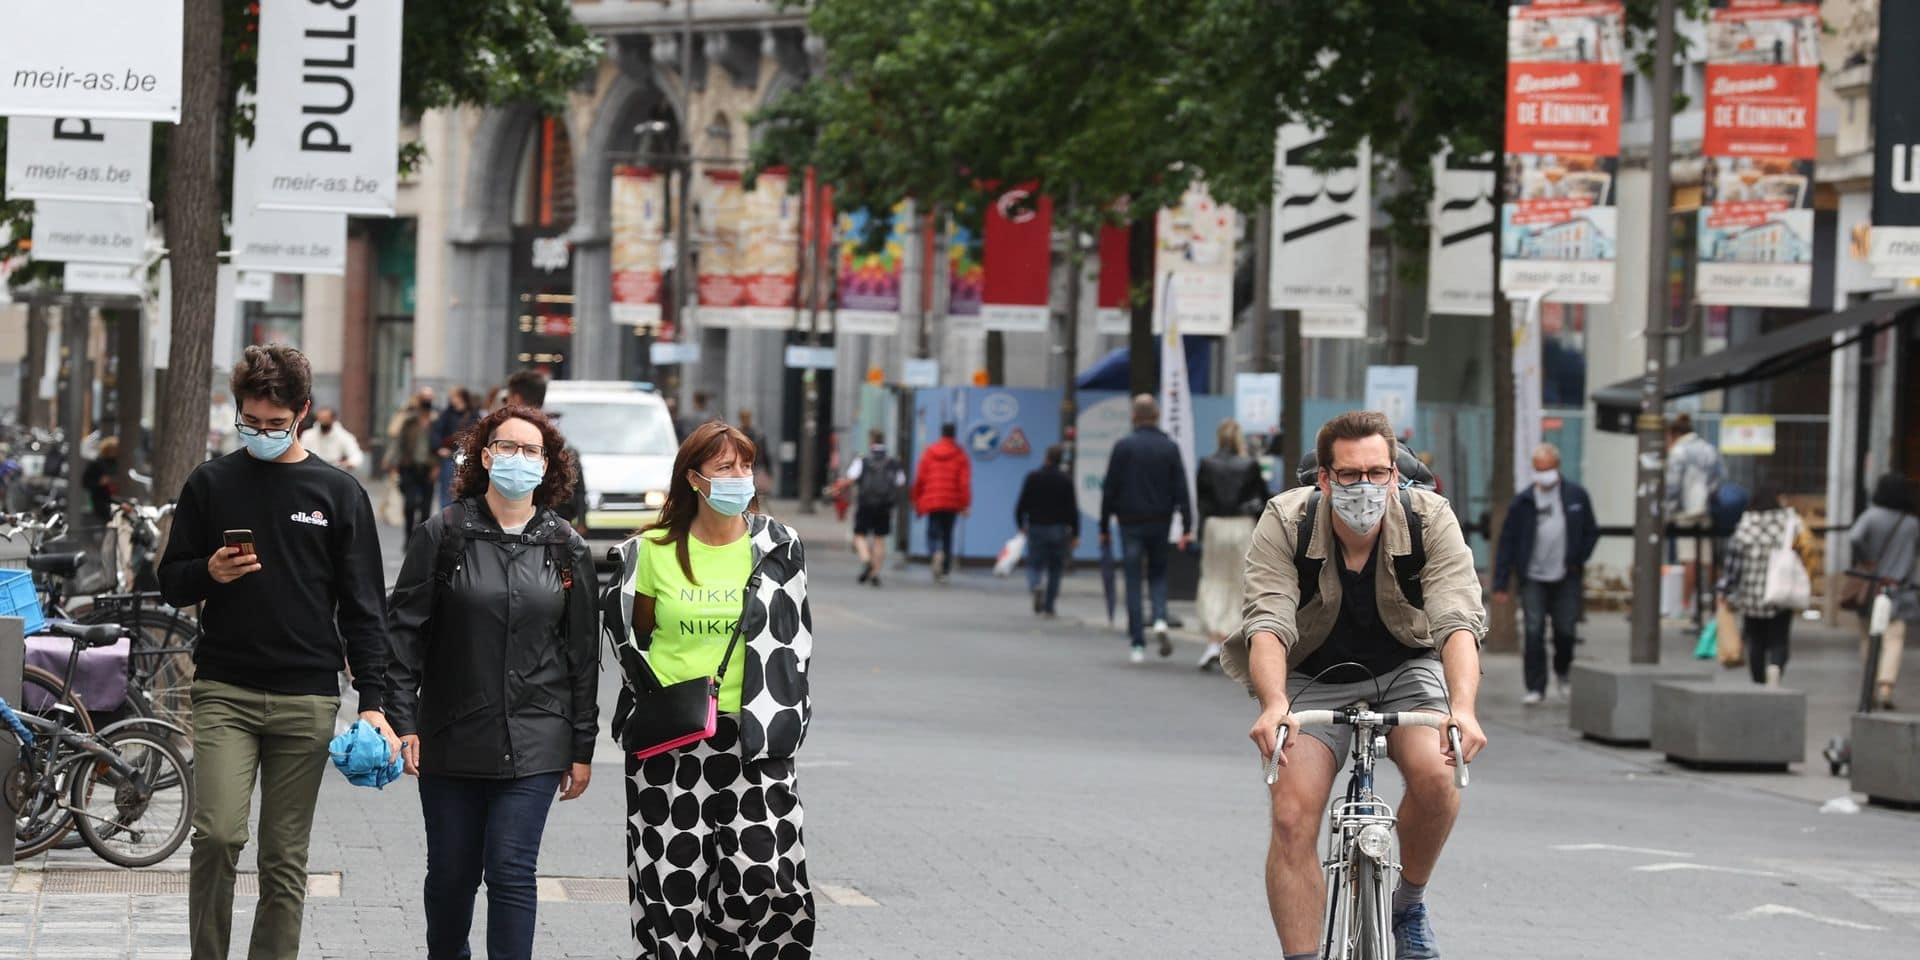 Les Pays-Bas déconseillent de se rendre à Anvers, Londres réfléchit à une quarantaine au retour de la Belgique